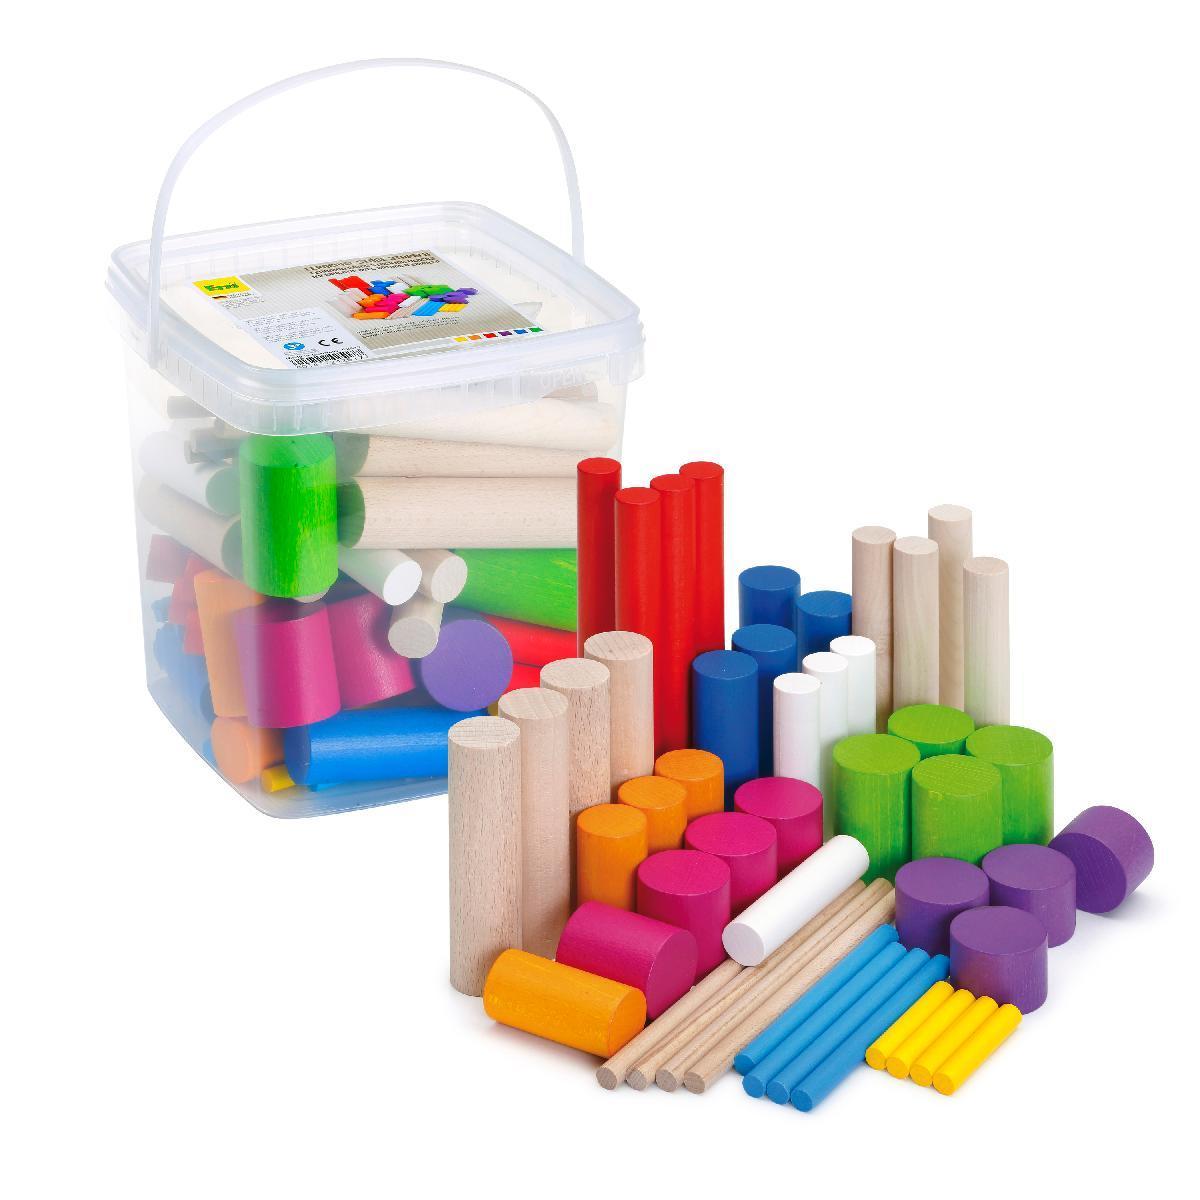 Learning game Stacking blocks